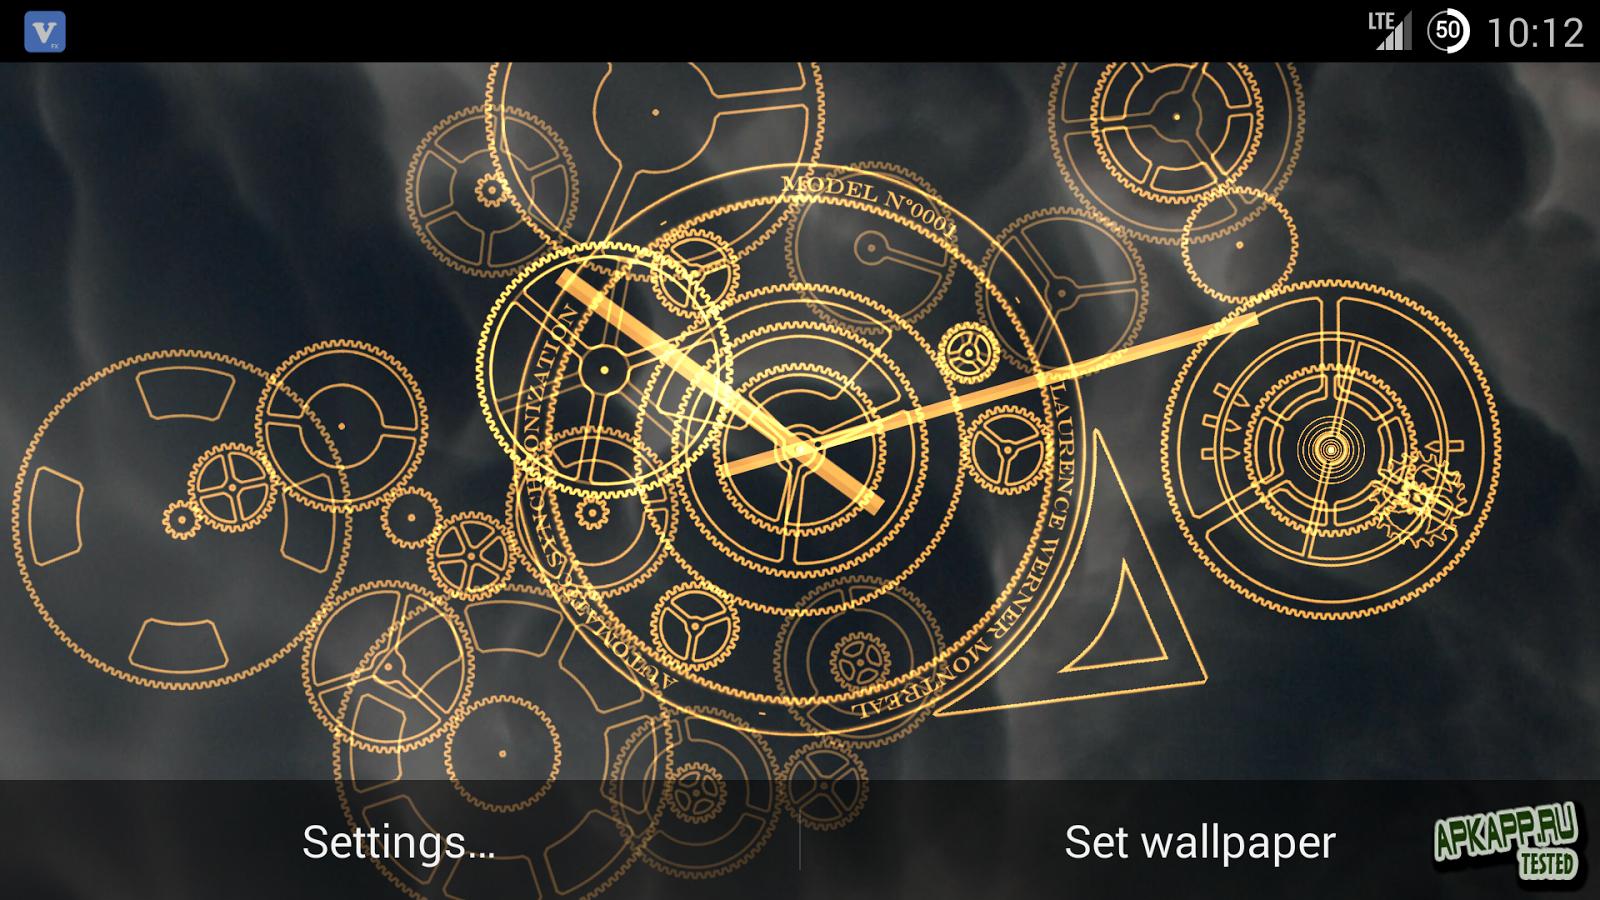 Hypno Clock Live Wallpaper 1600x900